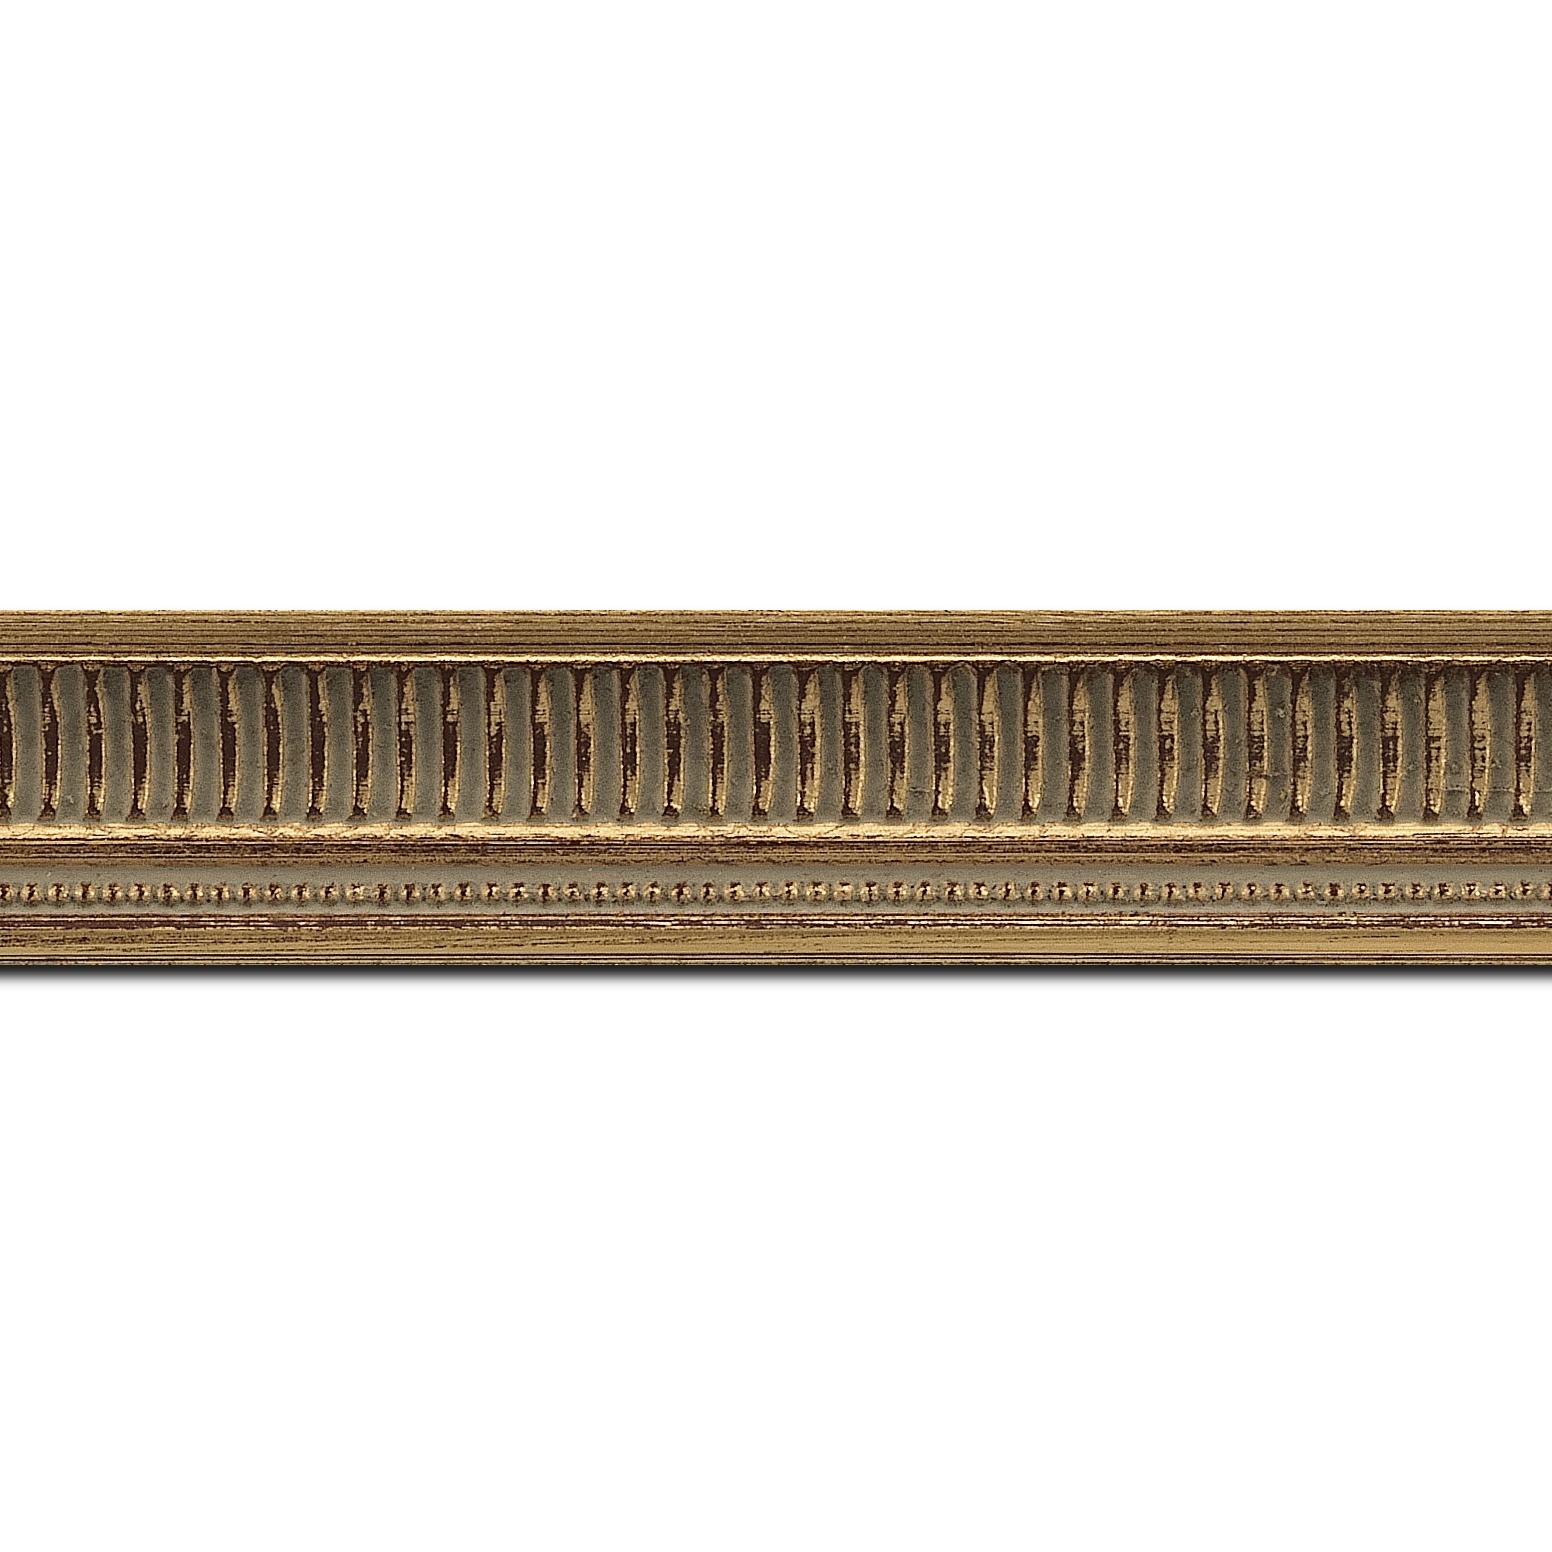 Baguette longueur 1.40m bois profil incurvé largeur 3.5cm or antique empire à canaux